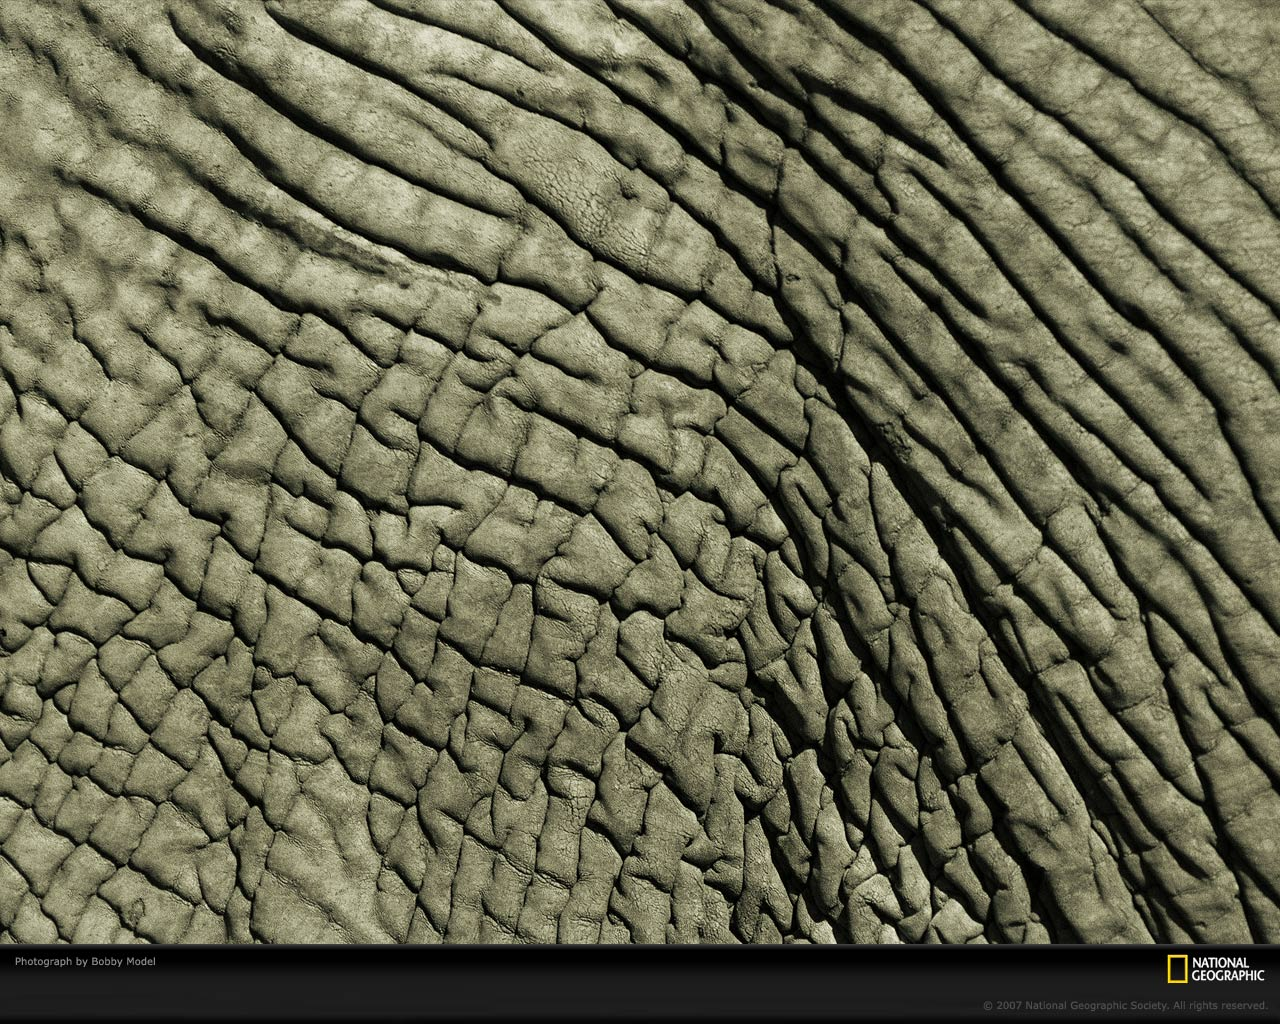 animal skin patterns - photo #11